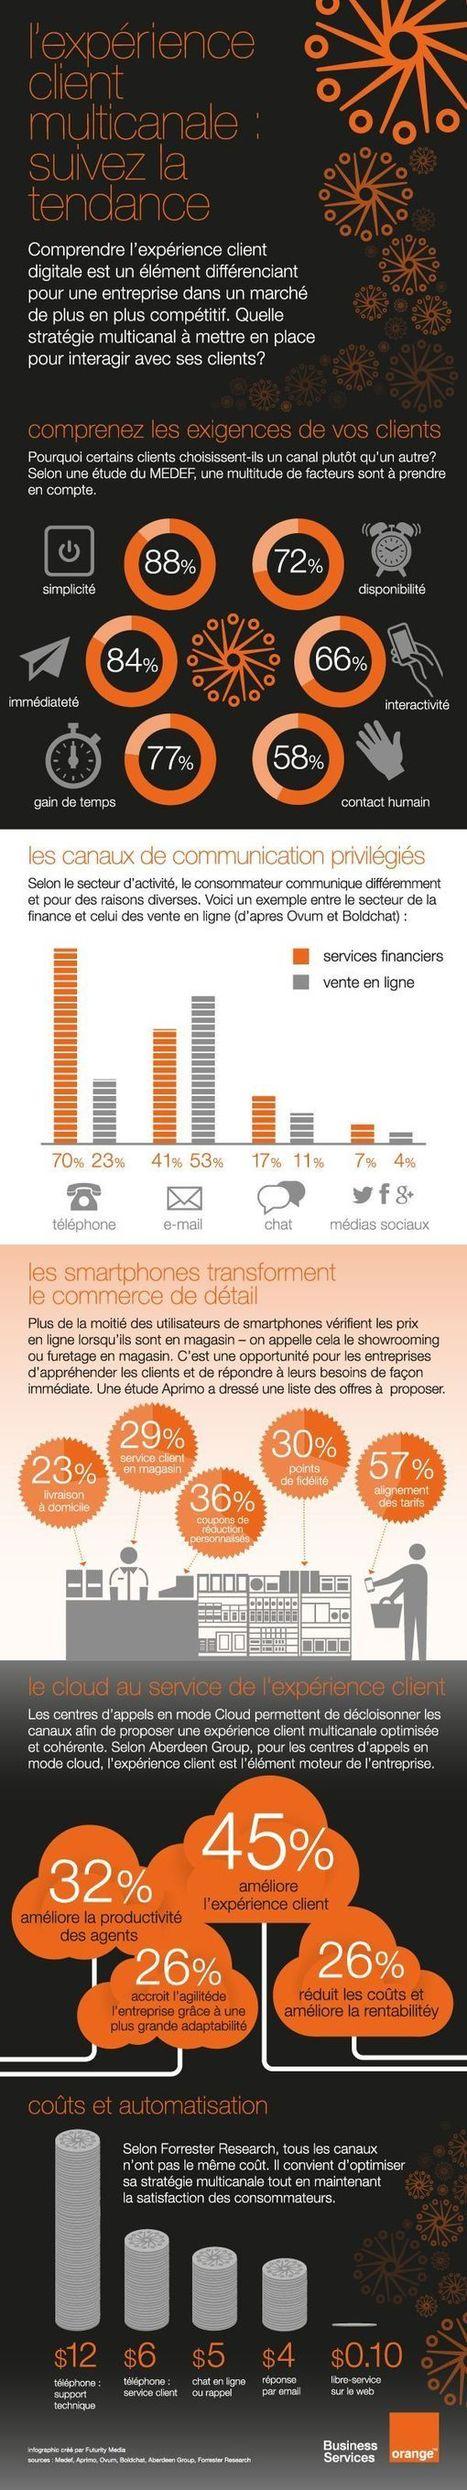 Infographie – Les tendances de l'expérience client Omni-canal ... | Commerce  omni canal | Scoop.it